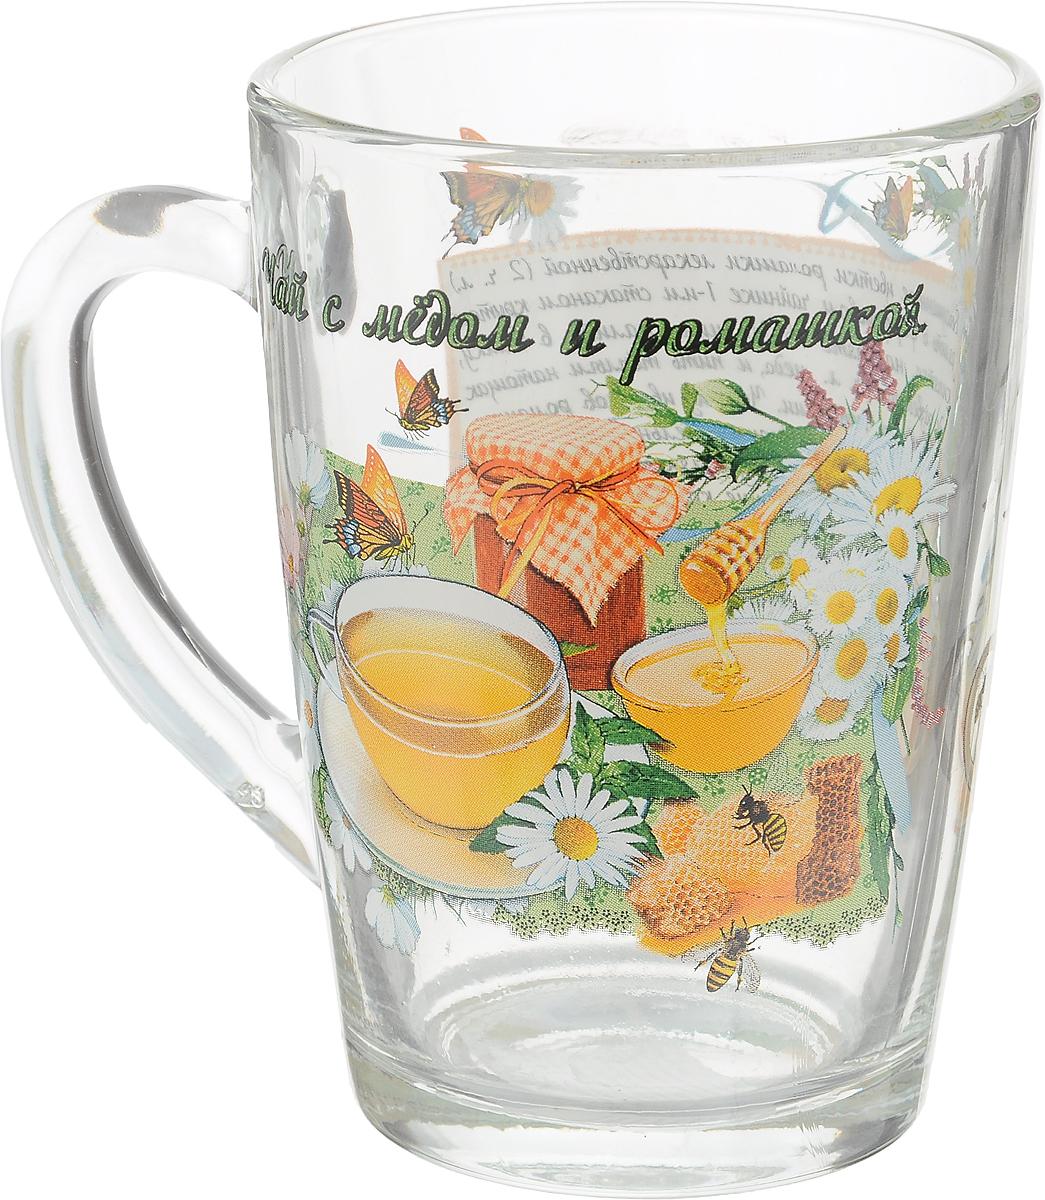 """Кружка чайная Квестор """"Каппучино. Чай с медом и ромашкой"""" изготовлена из бесцветного стекла и украшена ярким рисунком и рецептом приготовления чая с медом и ромашкой. Идеально подходит для сервировки стола.Кружка не только украсит ваш кухонный стол, но подчеркнет прекрасный вкус хозяйки. Диаметр кружки (по верхнему краю): 8 см. Диаметр основания: 6 см. Ширина кружки с учетом ручки: 11 см. Высота кружки: 11 см.Объем кружки: 300 мл."""